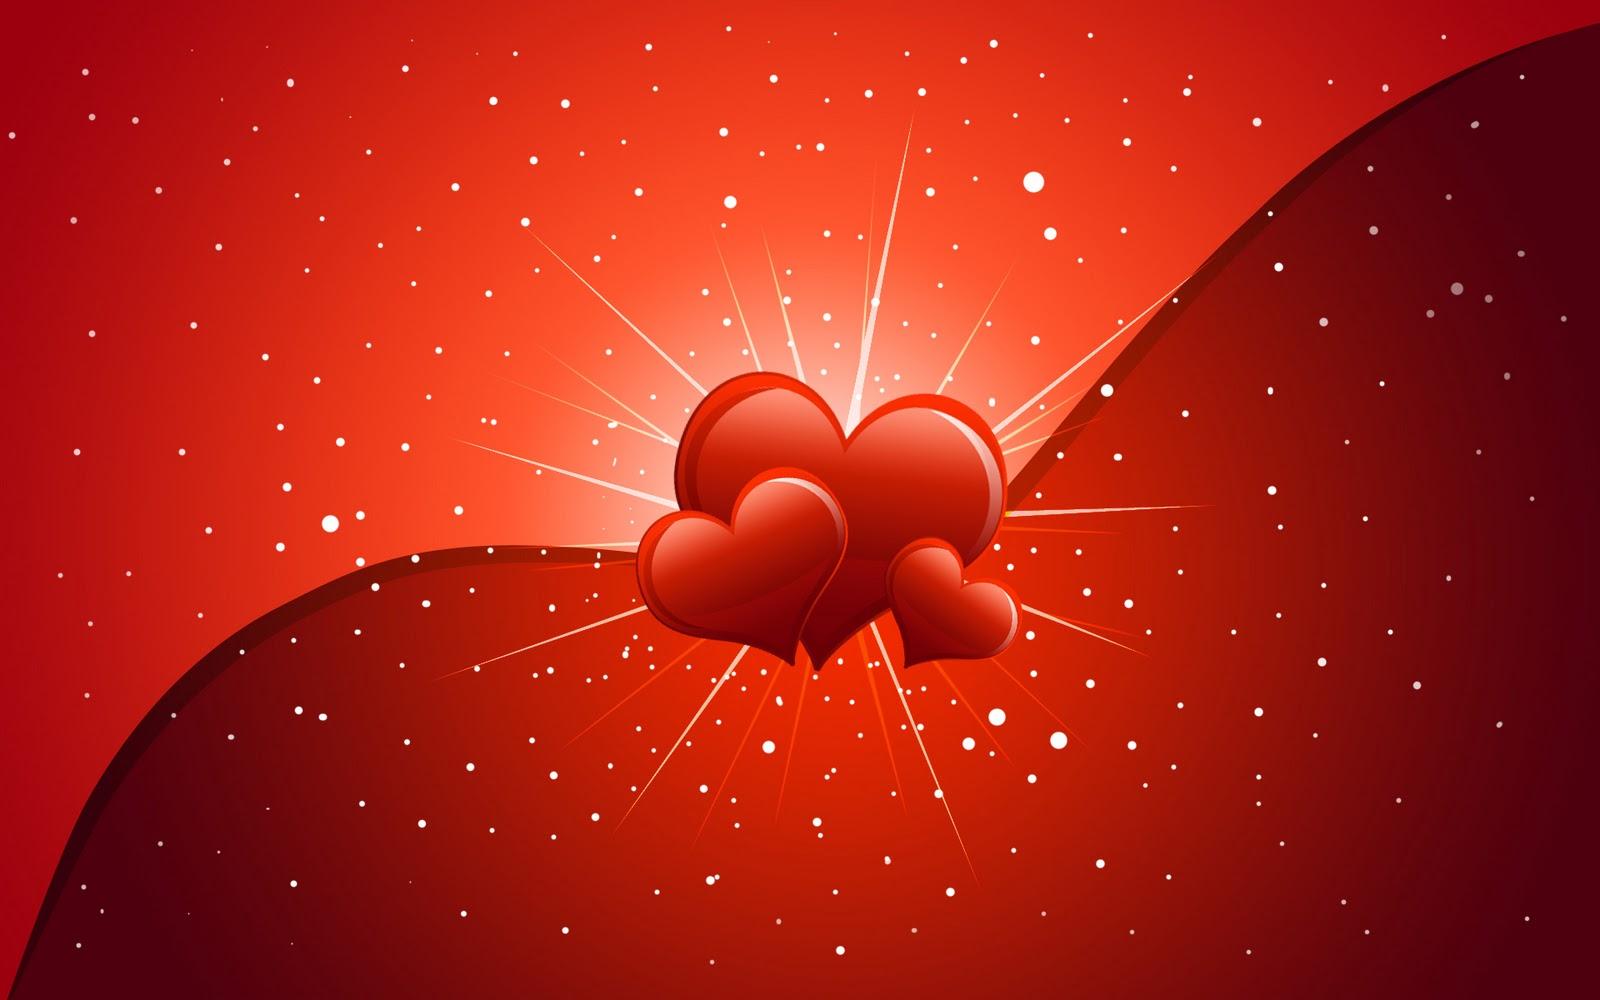 Desktop Wallpapers Backgrounds Valentine Wallpapers Love 1600x1000